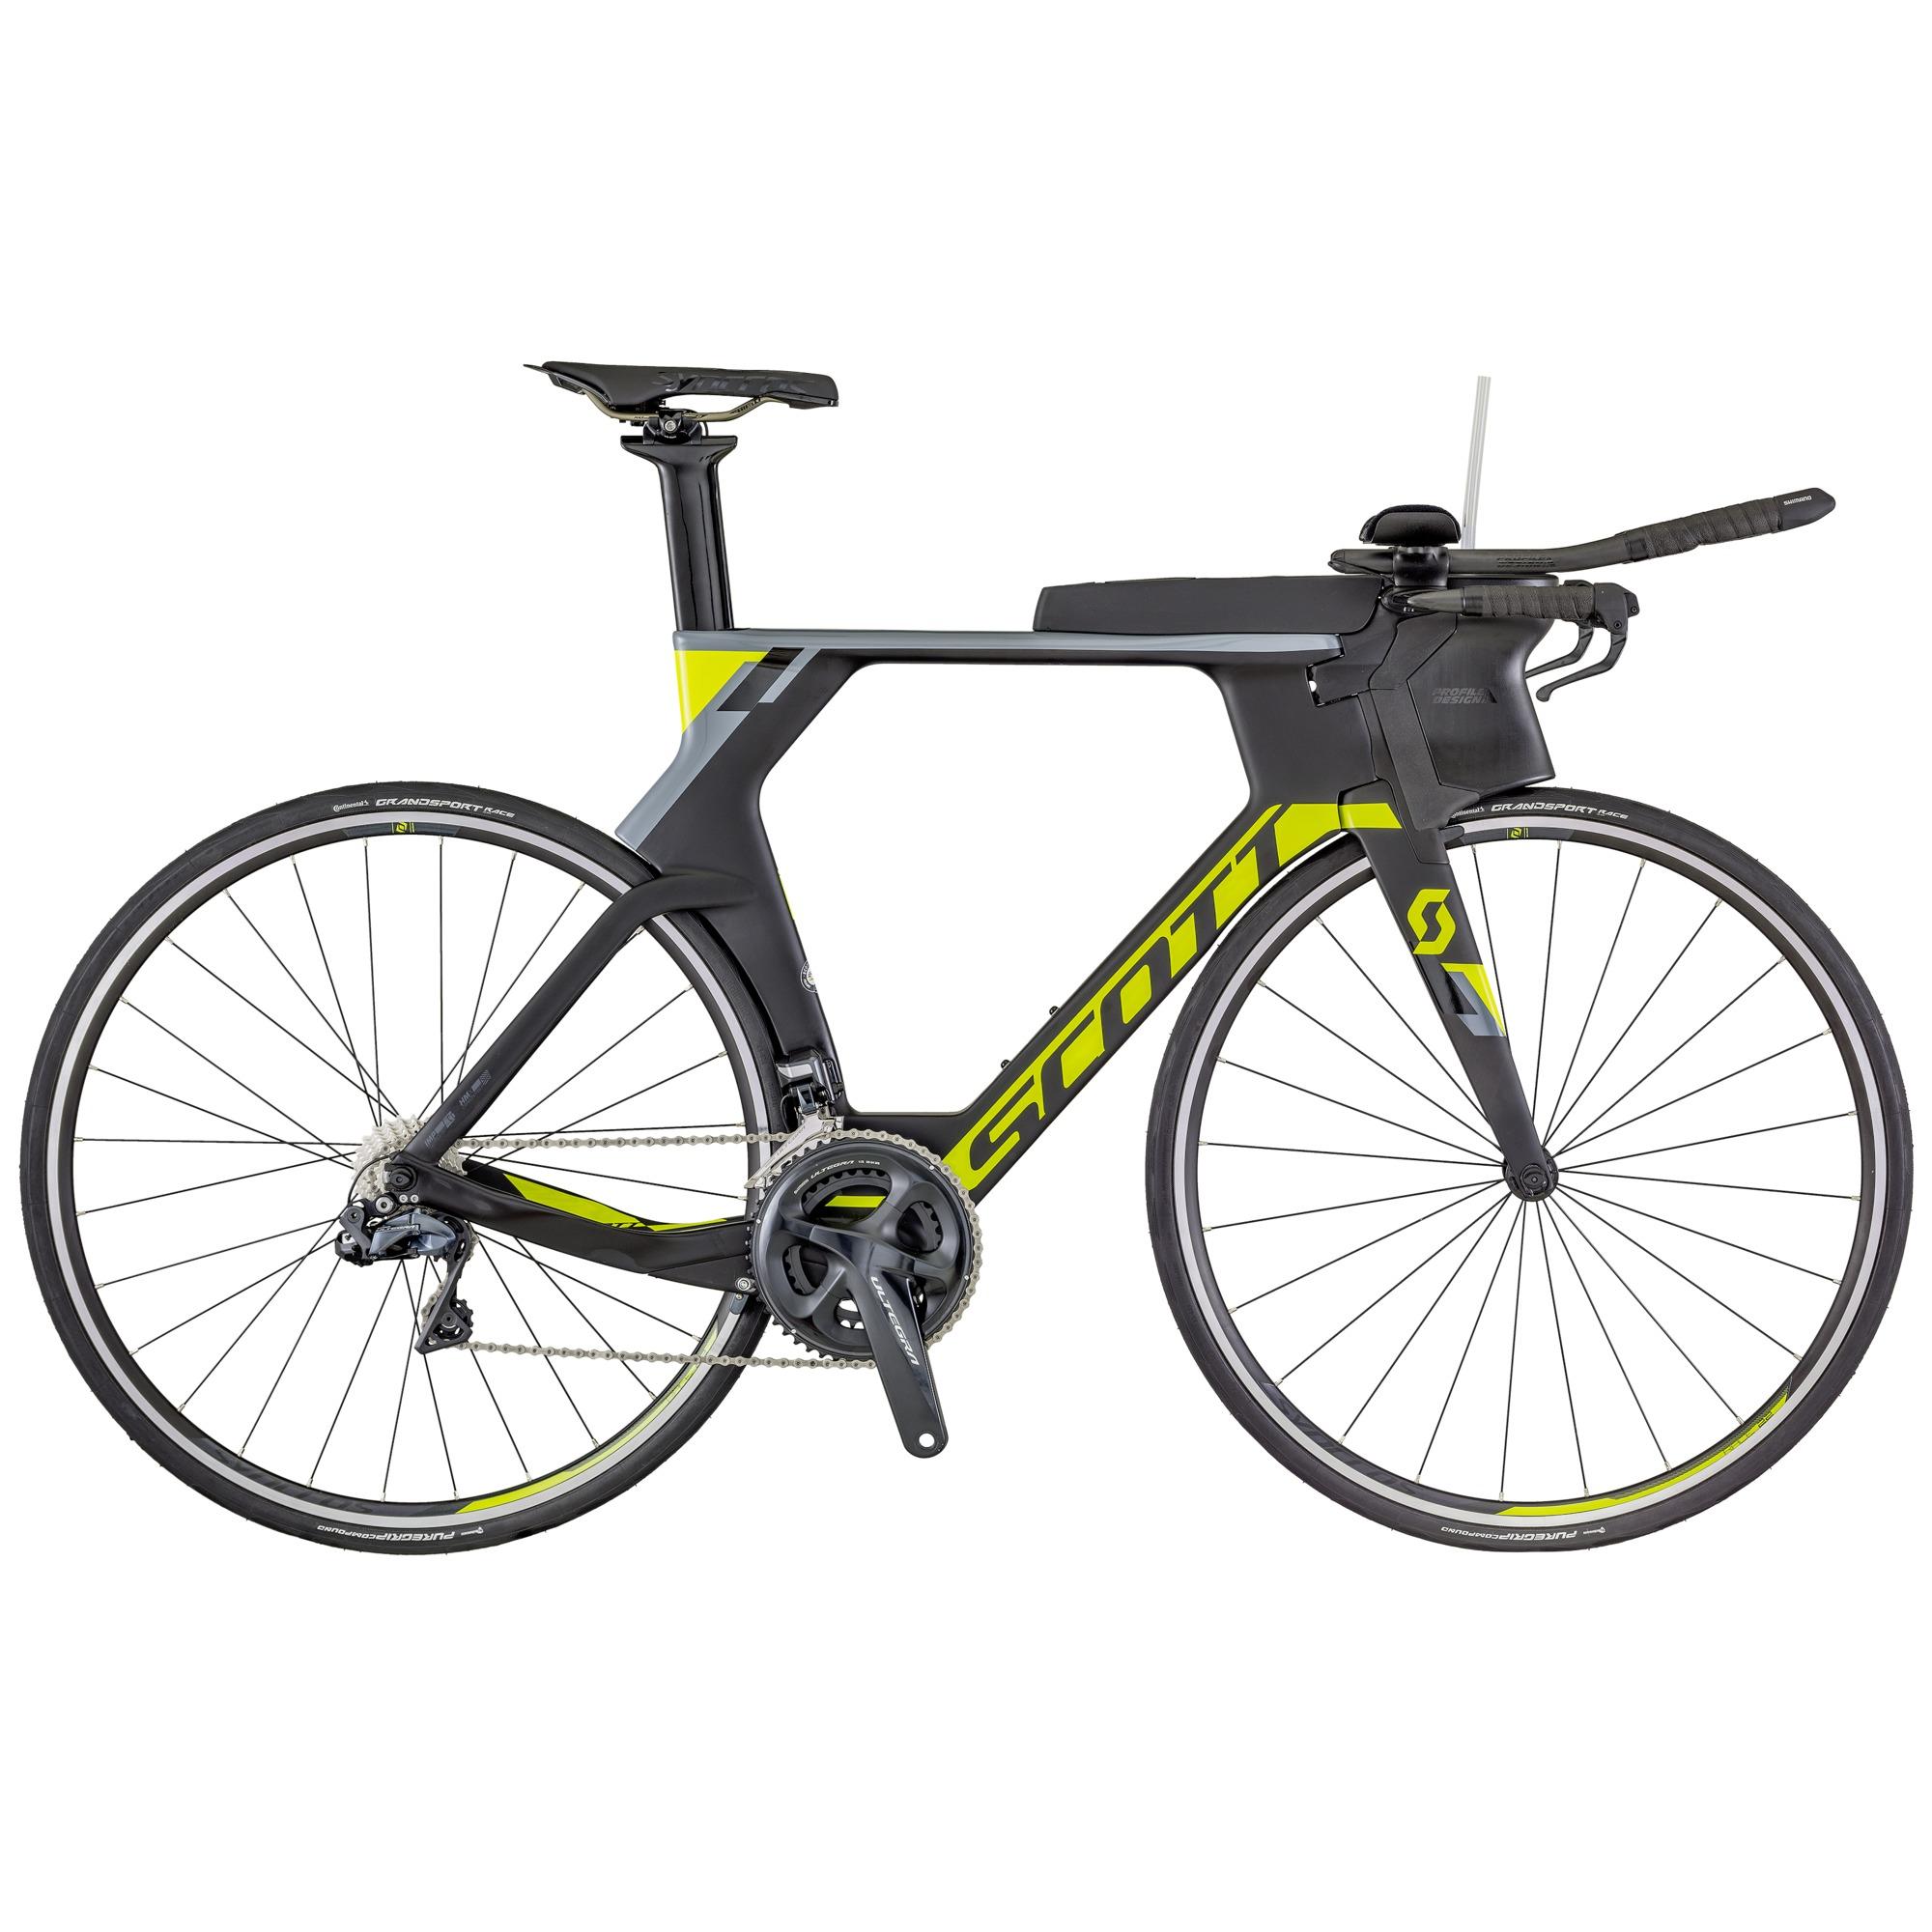 SCOTT Plasma RC Bike L57 - Rad & Dämpferklinik GmbH